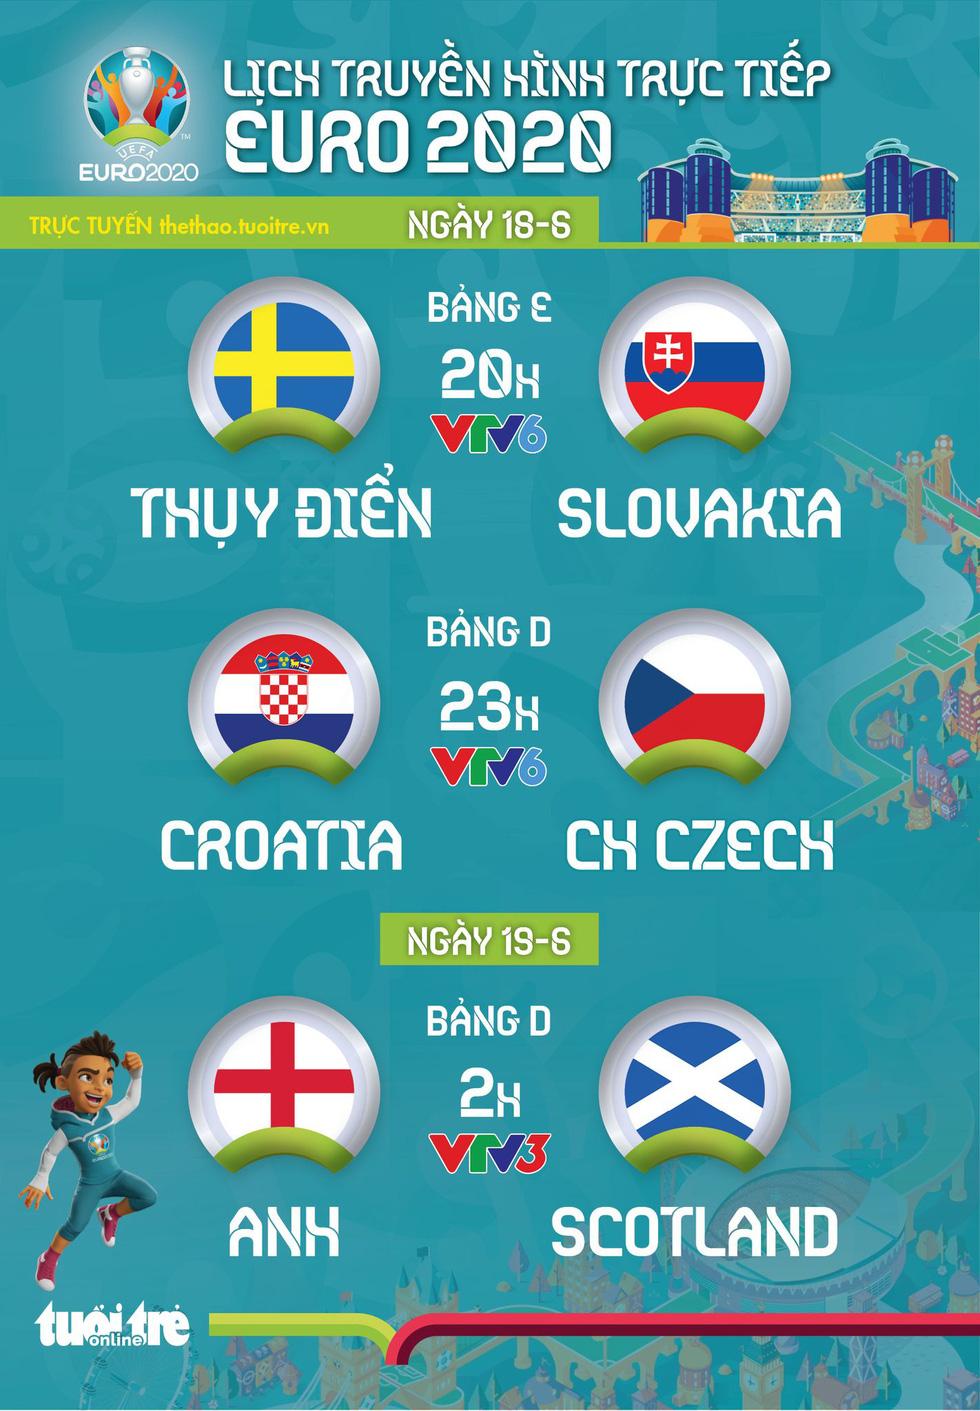 Lịch trực tiếp Euro 2020 ngày 18-6: Thụy Điển - Slovakia, Croatia - CH Czech, Anh - Scotland - Ảnh 1.